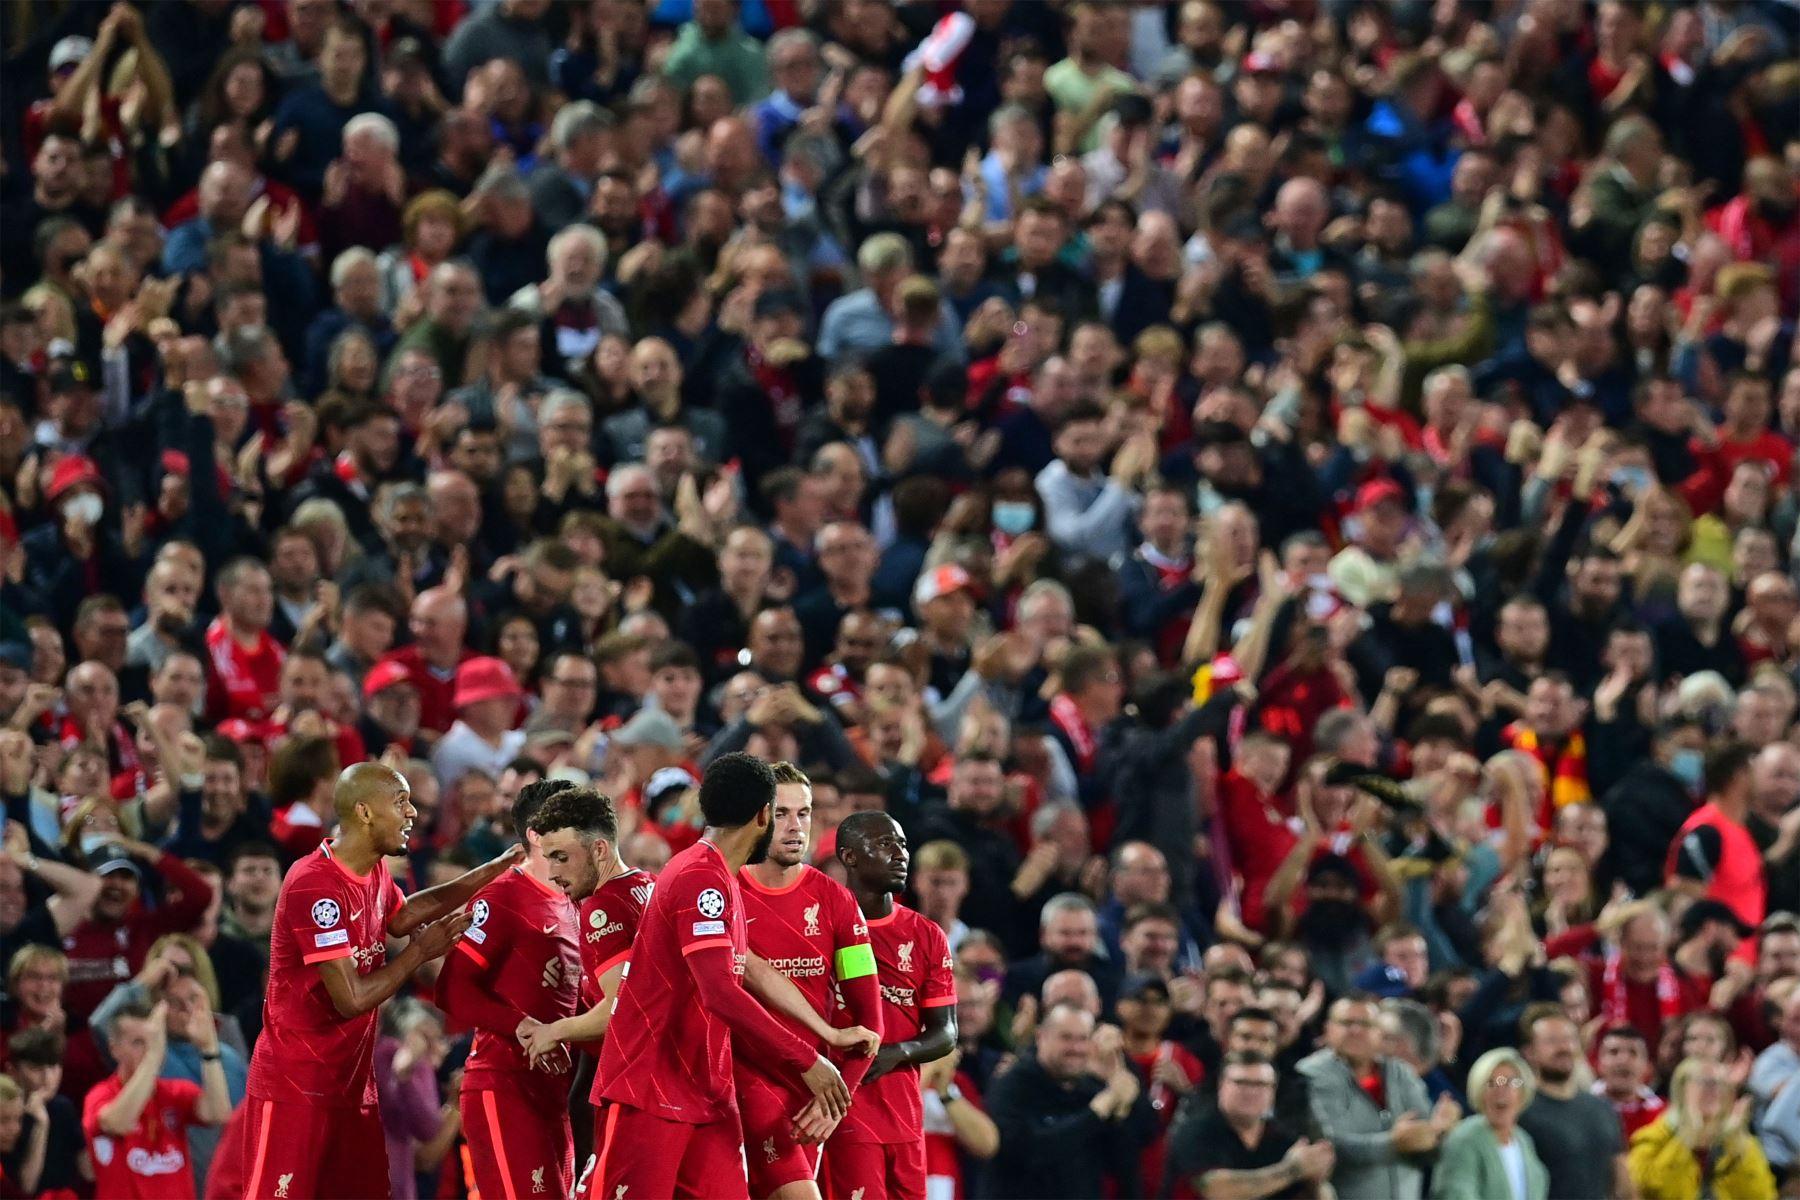 El centrocampista inglés del Liverpool, Jordan Henderson, celebra con sus compañeros de equipo después de anotar el tercer gol de su equipo durante el partido de fútbol del Grupo B de la primera ronda de la Liga de Campeones de la UEFA entre el Liverpool y el AC Milán. Foto: AFP